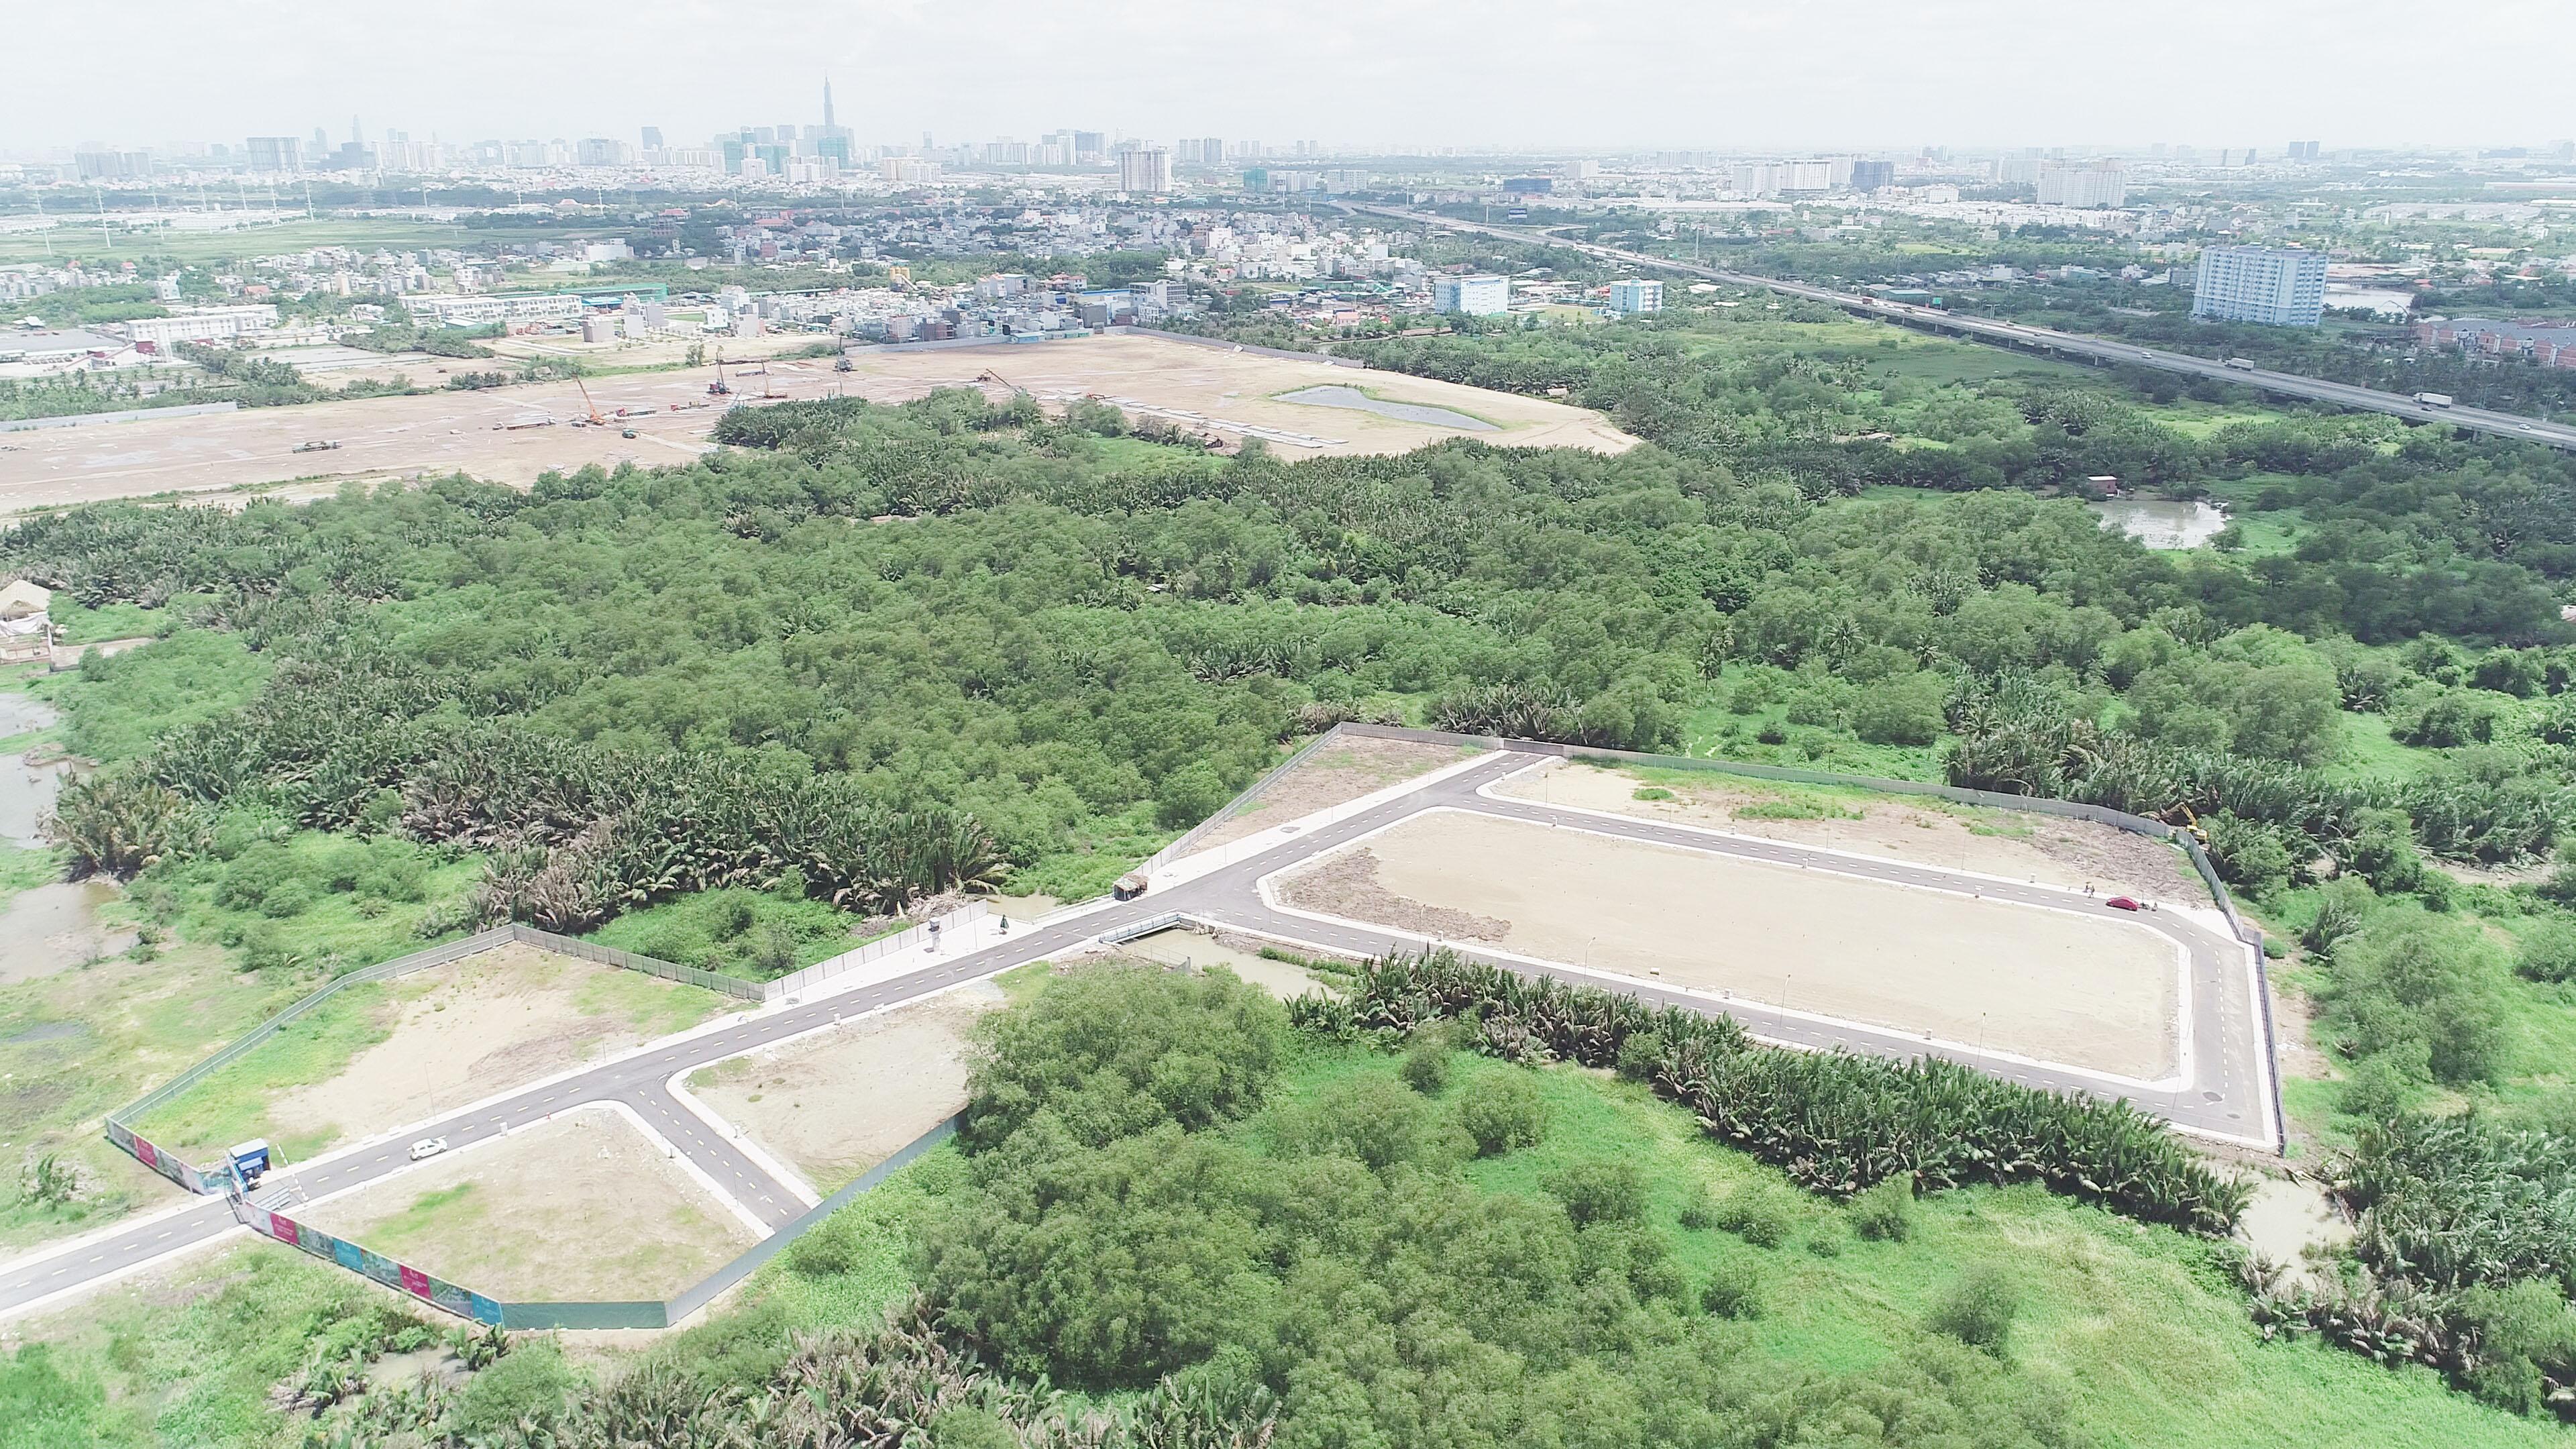 Đất Nền Sổ Đỏ Xây Dựng Tự Do Khu Dân Cư Phú Hữu Quận 9. Gía chỉ 24 triệu/m2